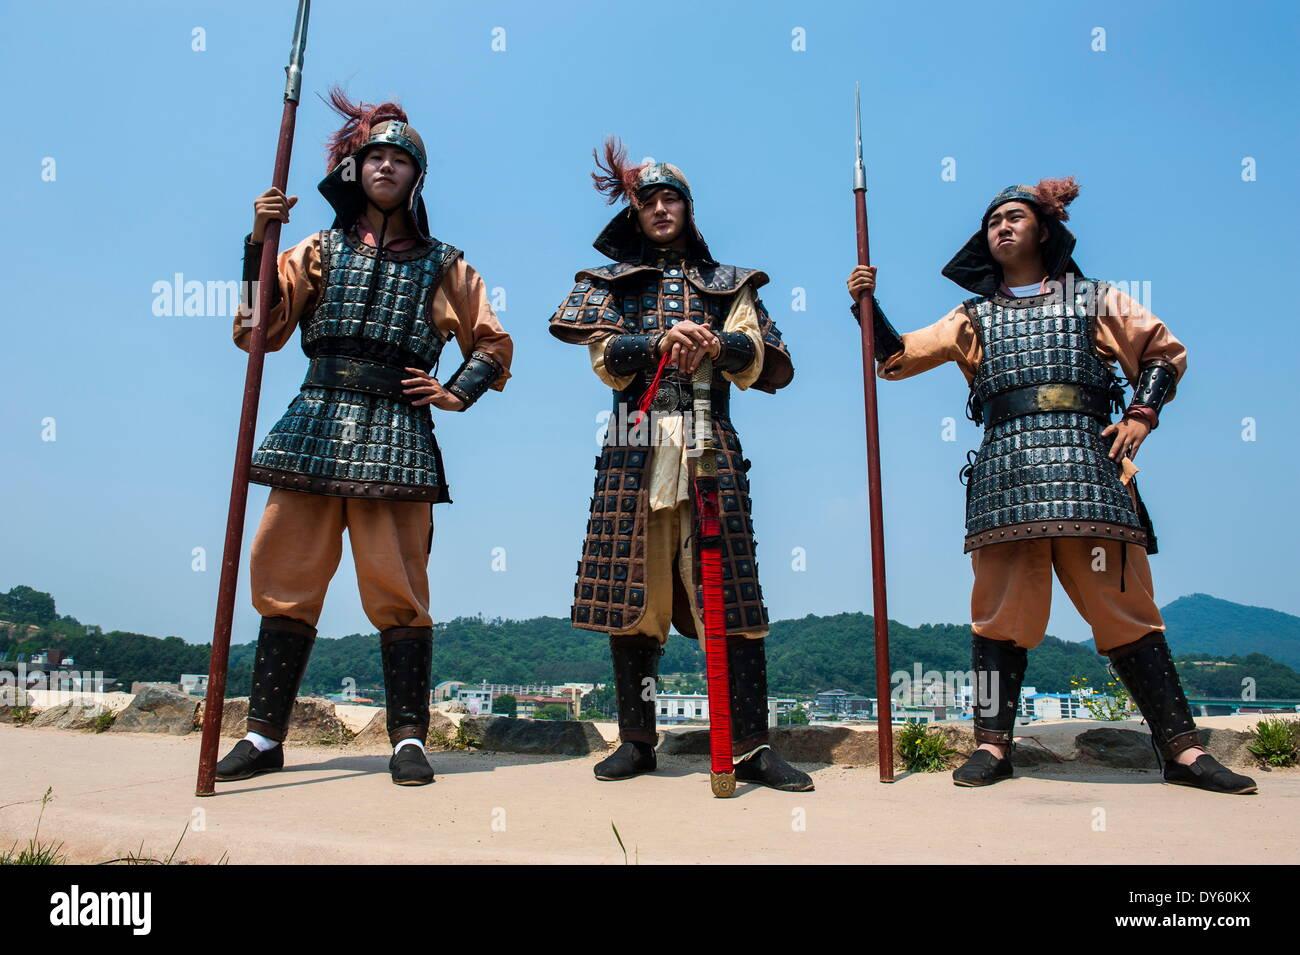 Wachen auf den Wechsel der Wachablösung, Gongsanseong Burg, Gongju, Süd Chungcheong Provinz, Südkorea Stockbild